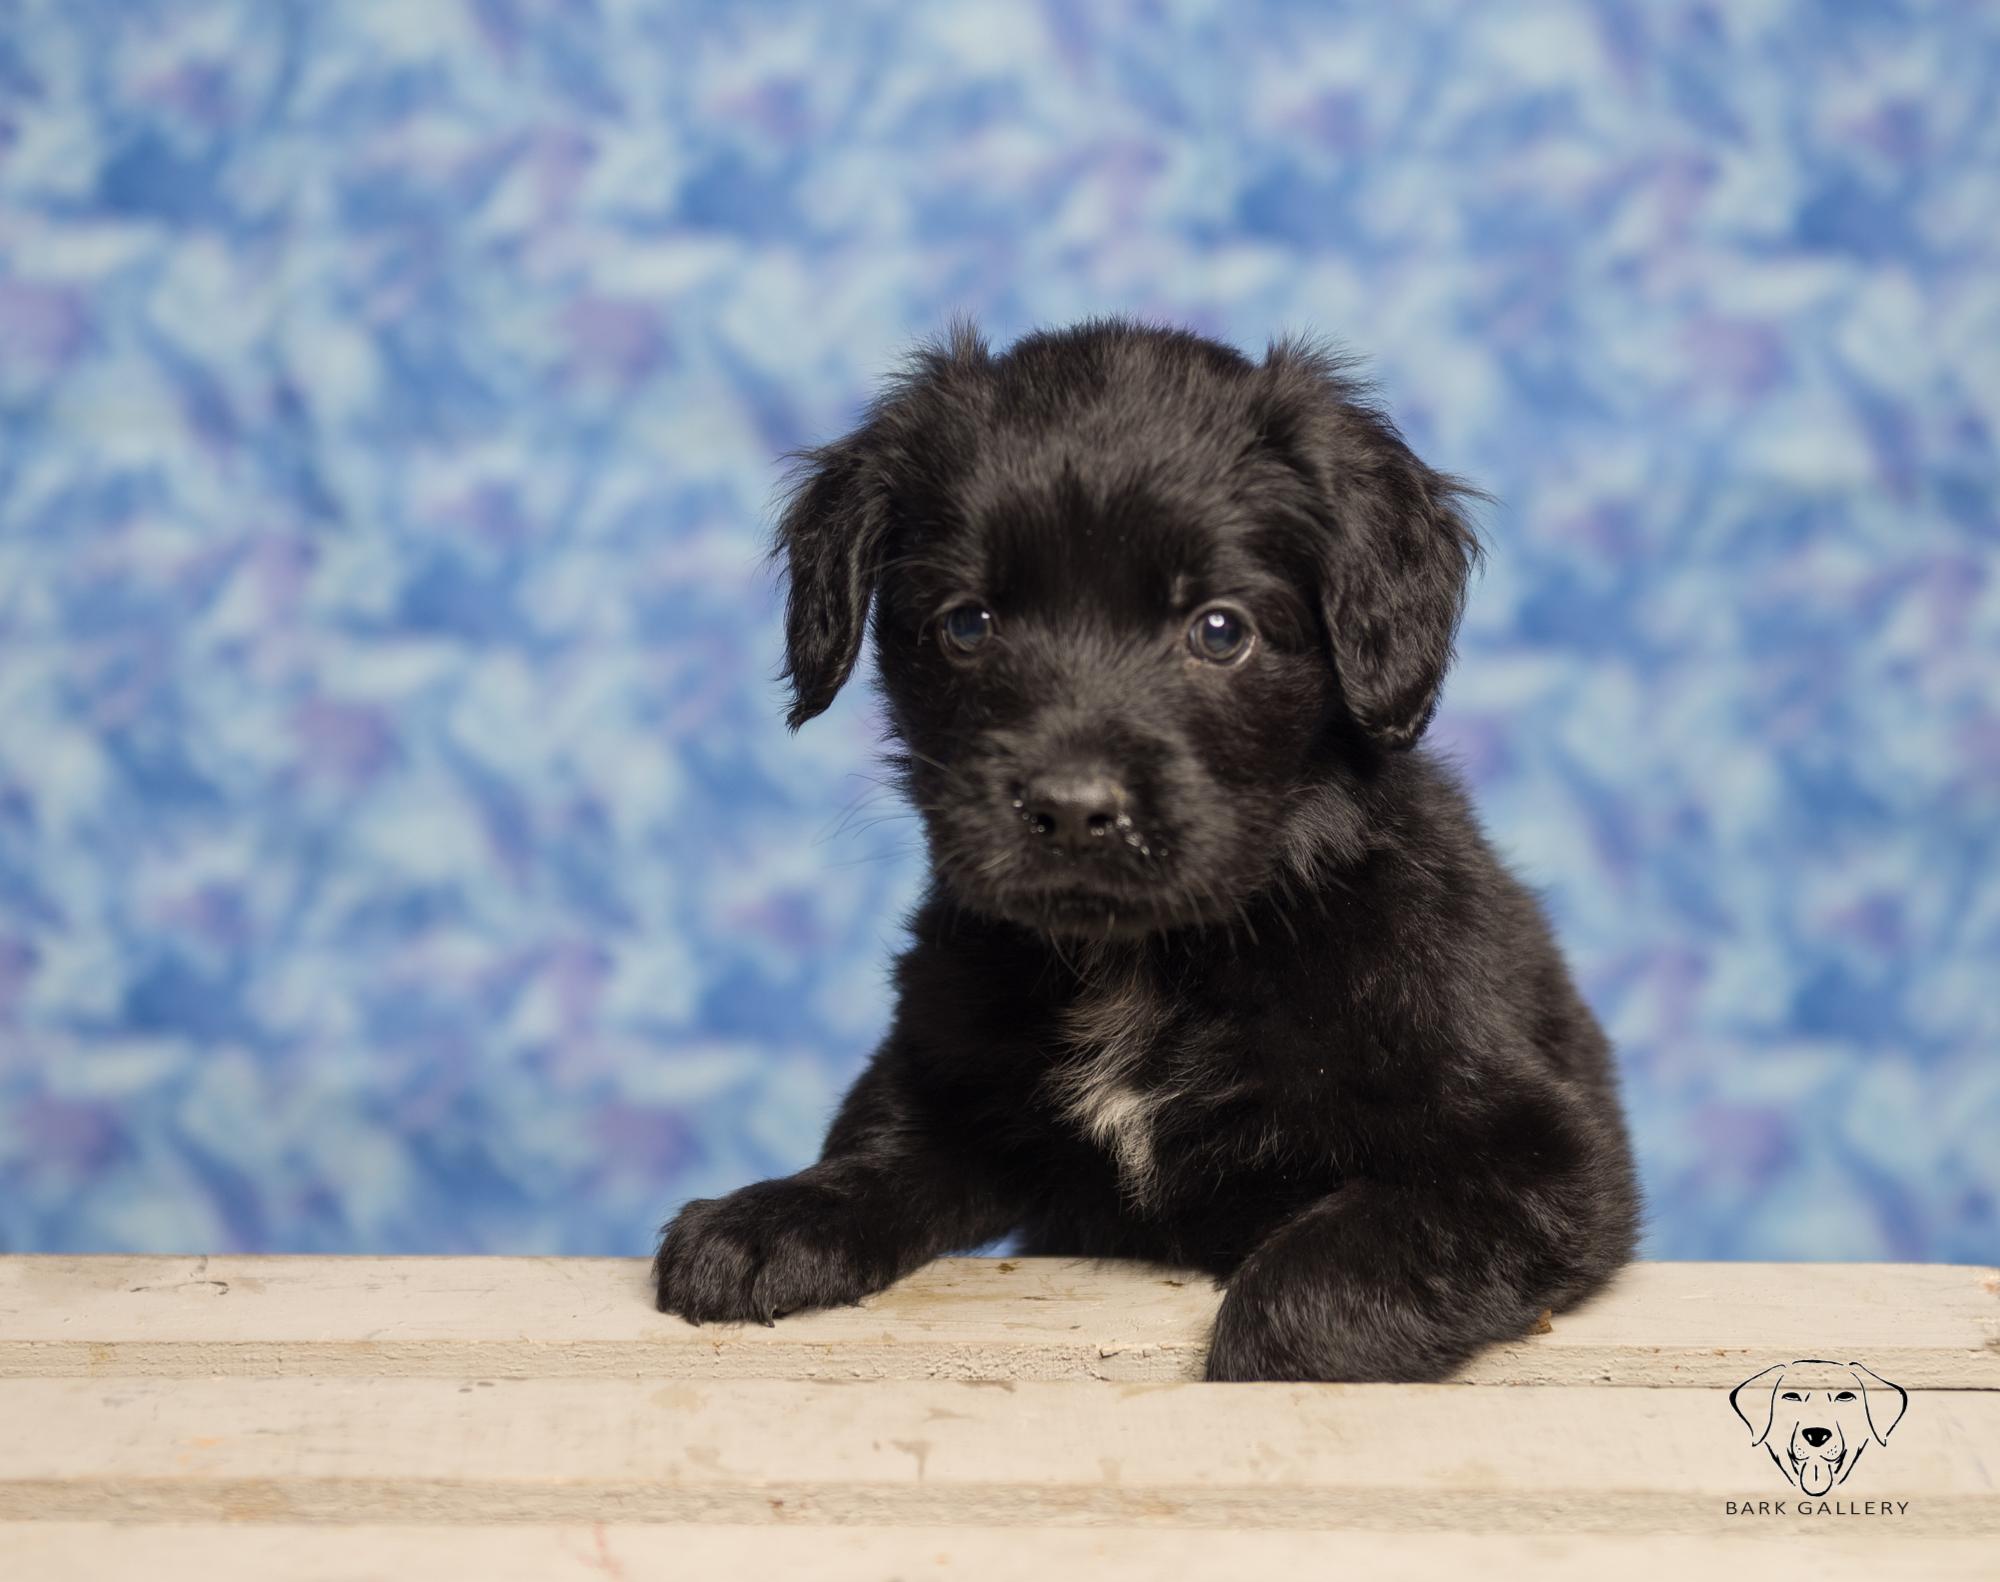 Perky Puppy!